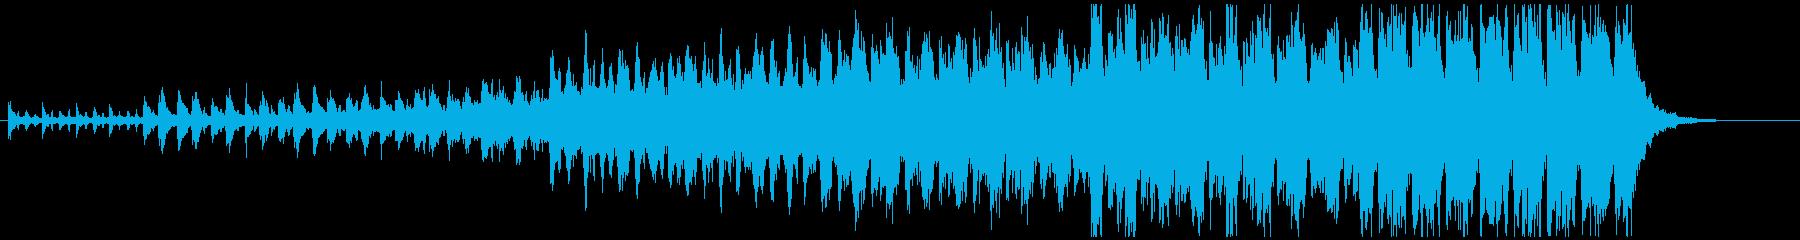 ハンス・ジマーを彷彿とさせるストリングスの再生済みの波形